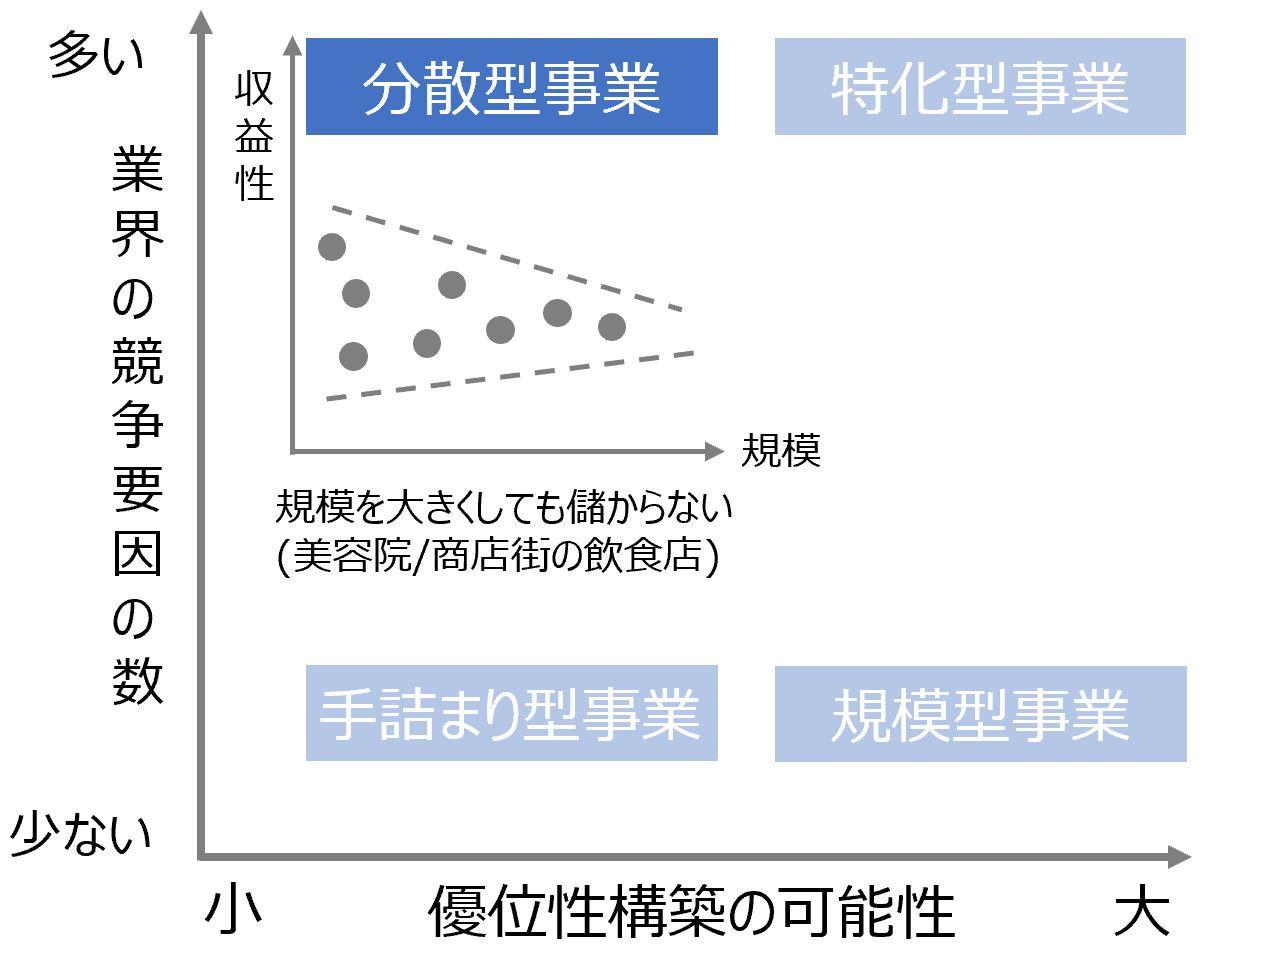 アドバンテージマトリックスの分散型事業の説明